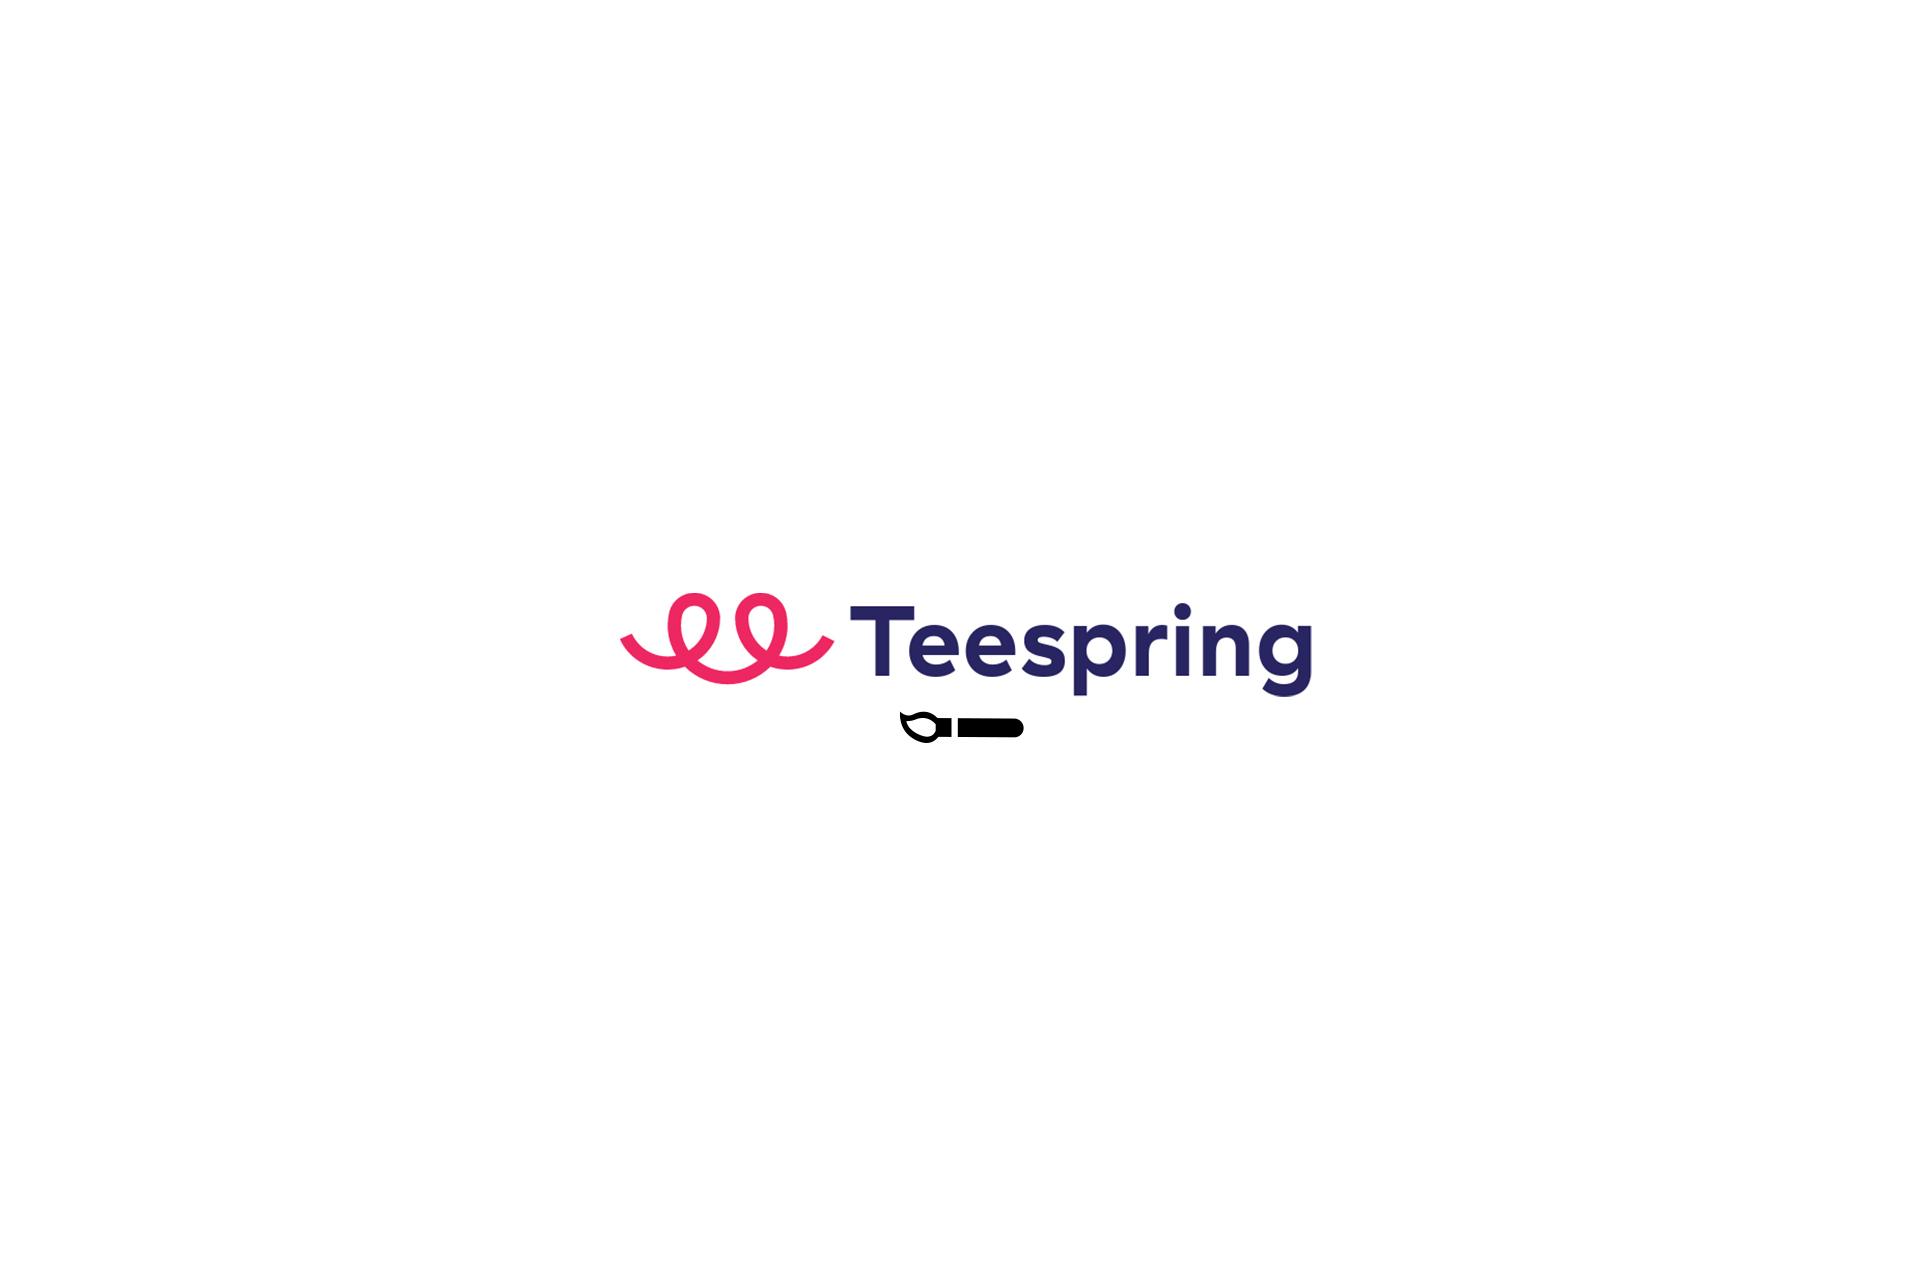 طراحی محصول در Teespring – آموزش قدم به قدم کسب درآمد دلاری از Teespring